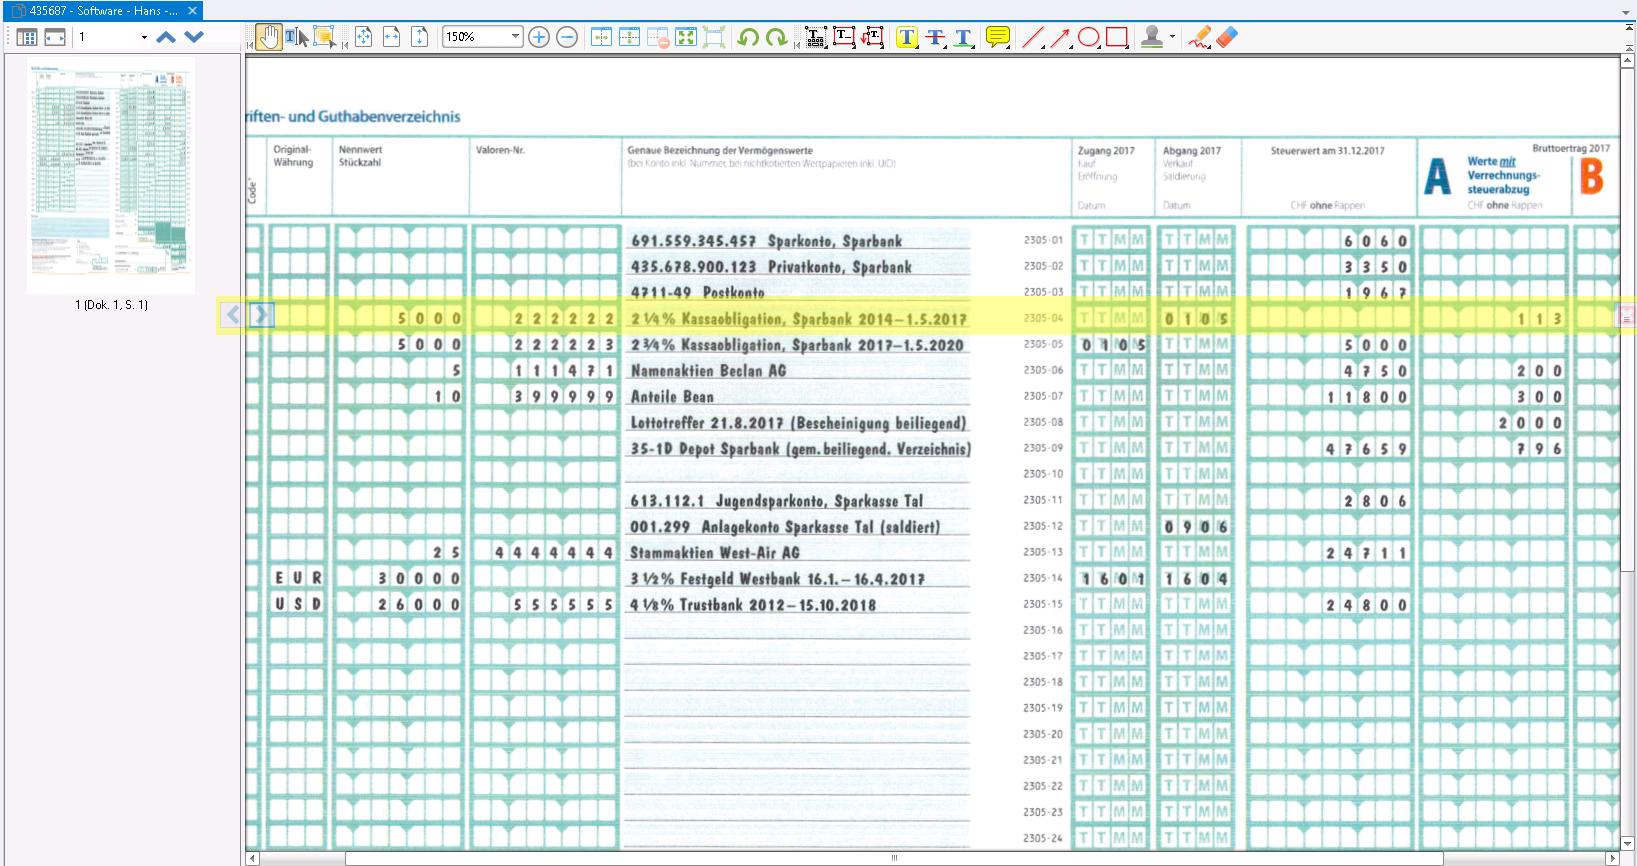 image from Der ECMind TaxViewer erhält ein neues Feature